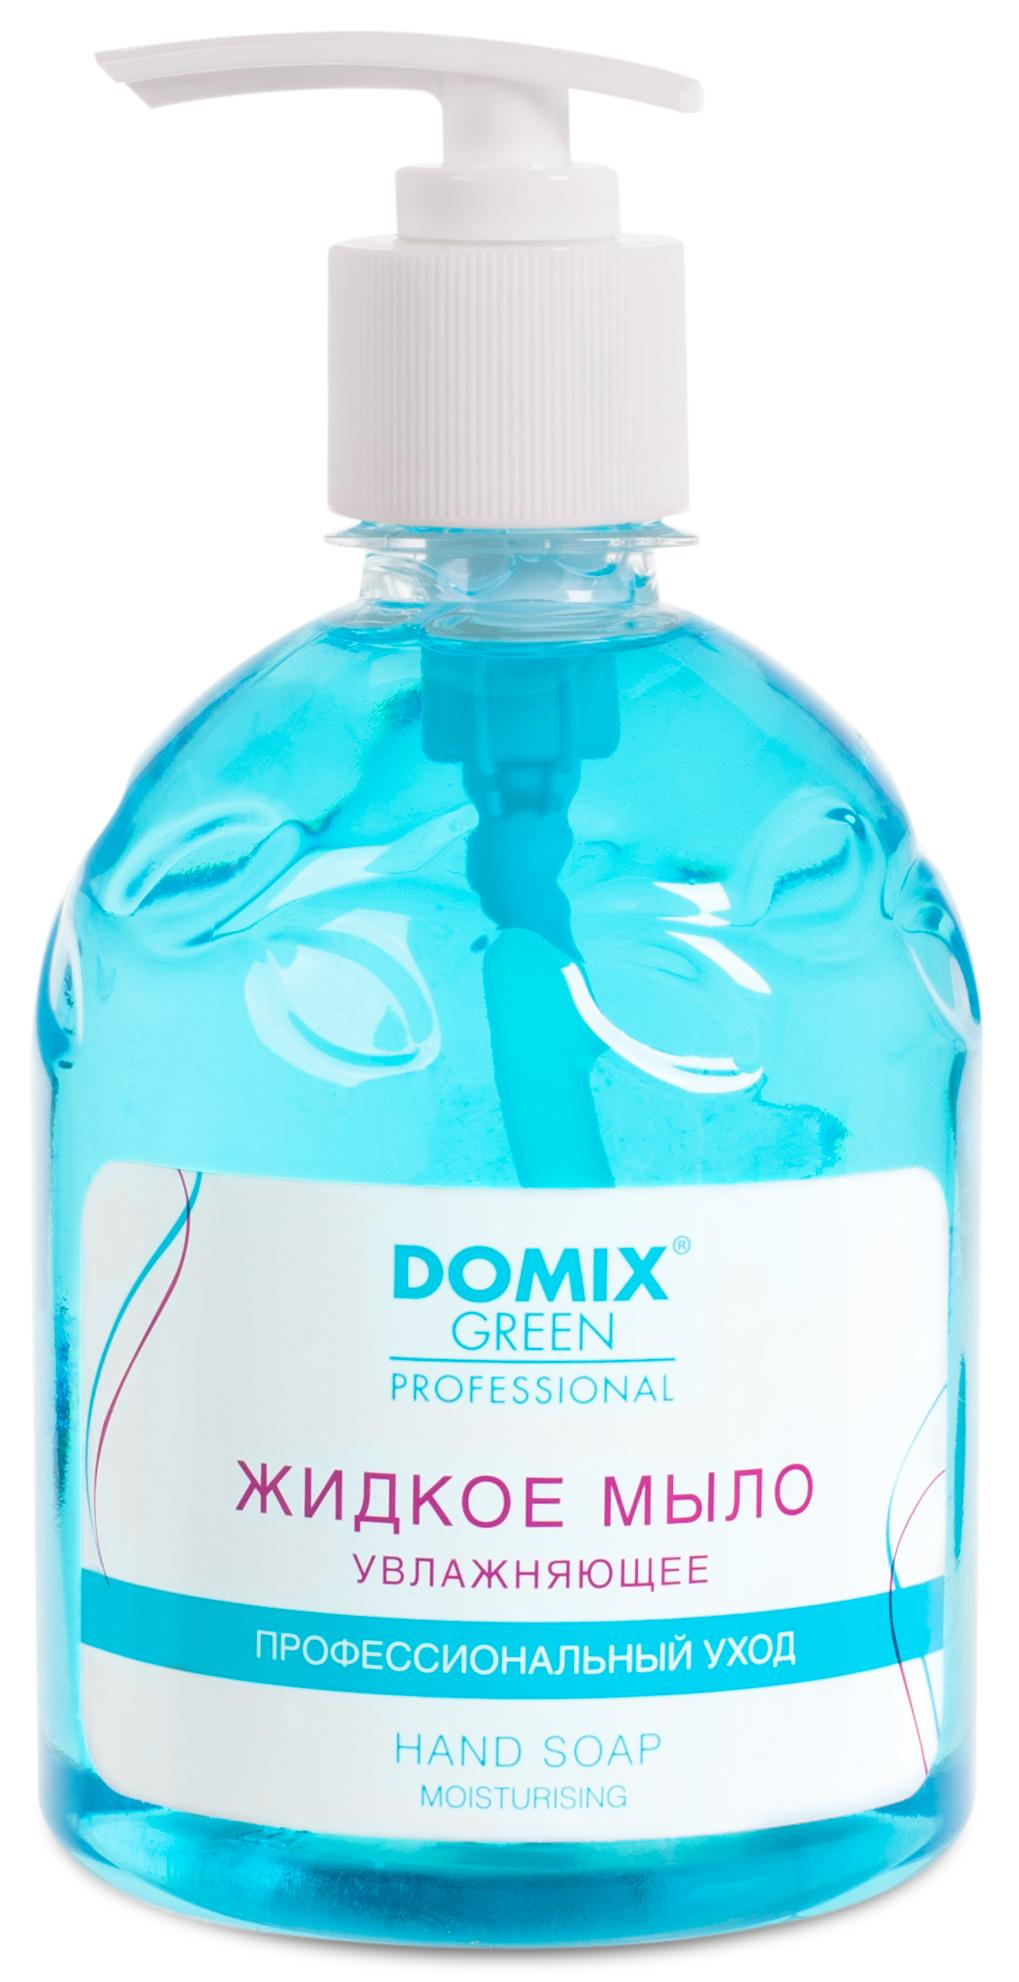 DOMIX Мыло жидкое увлажняющее для профессионального ухода / DGP 500 мл